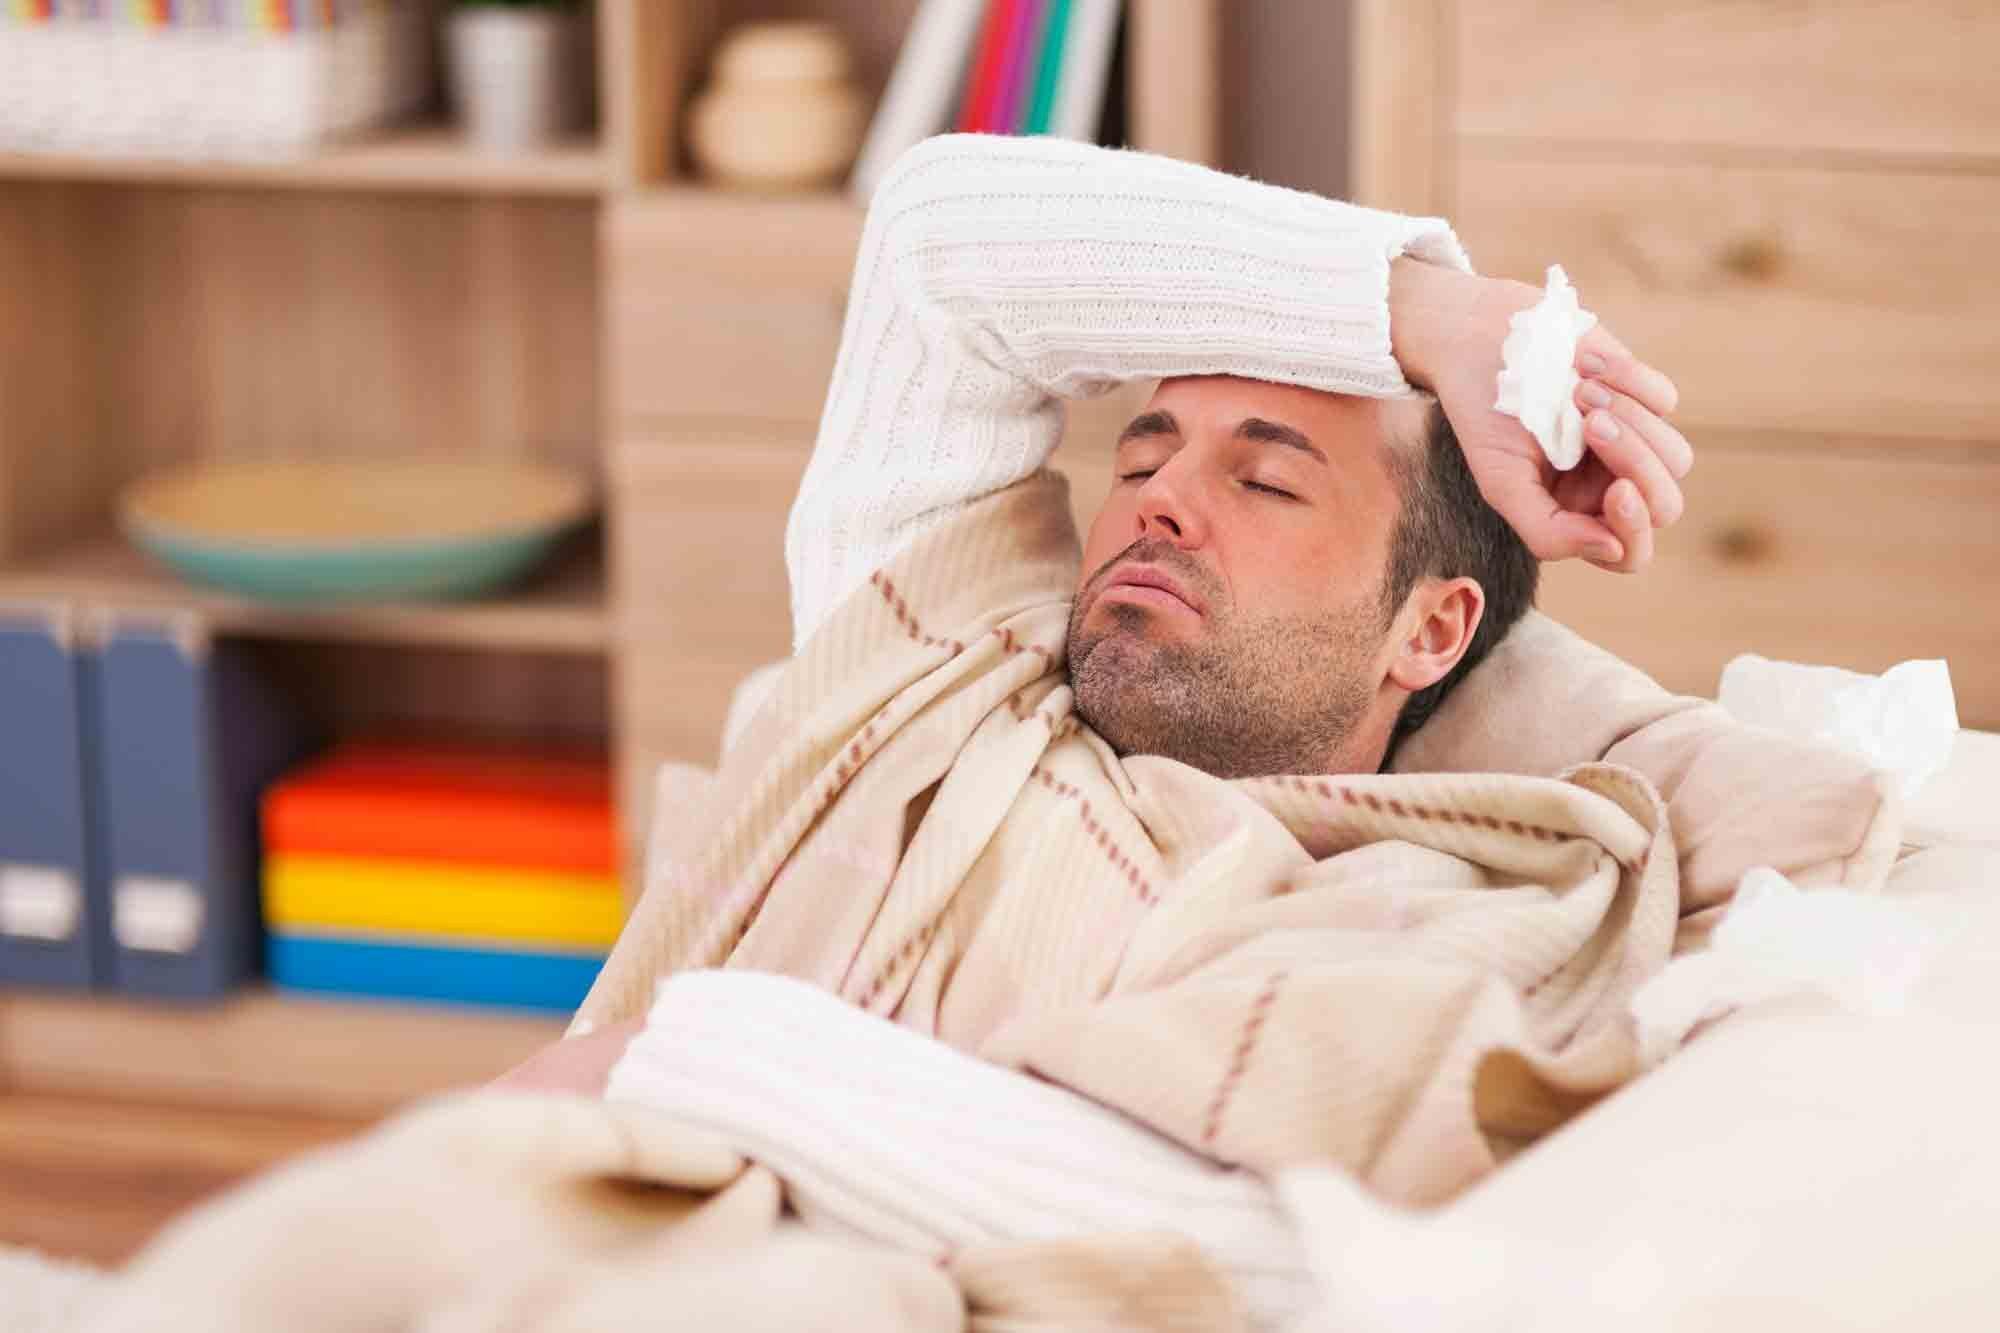 Les symptômes du rhume sont la fatigue et l'écoulement nasal